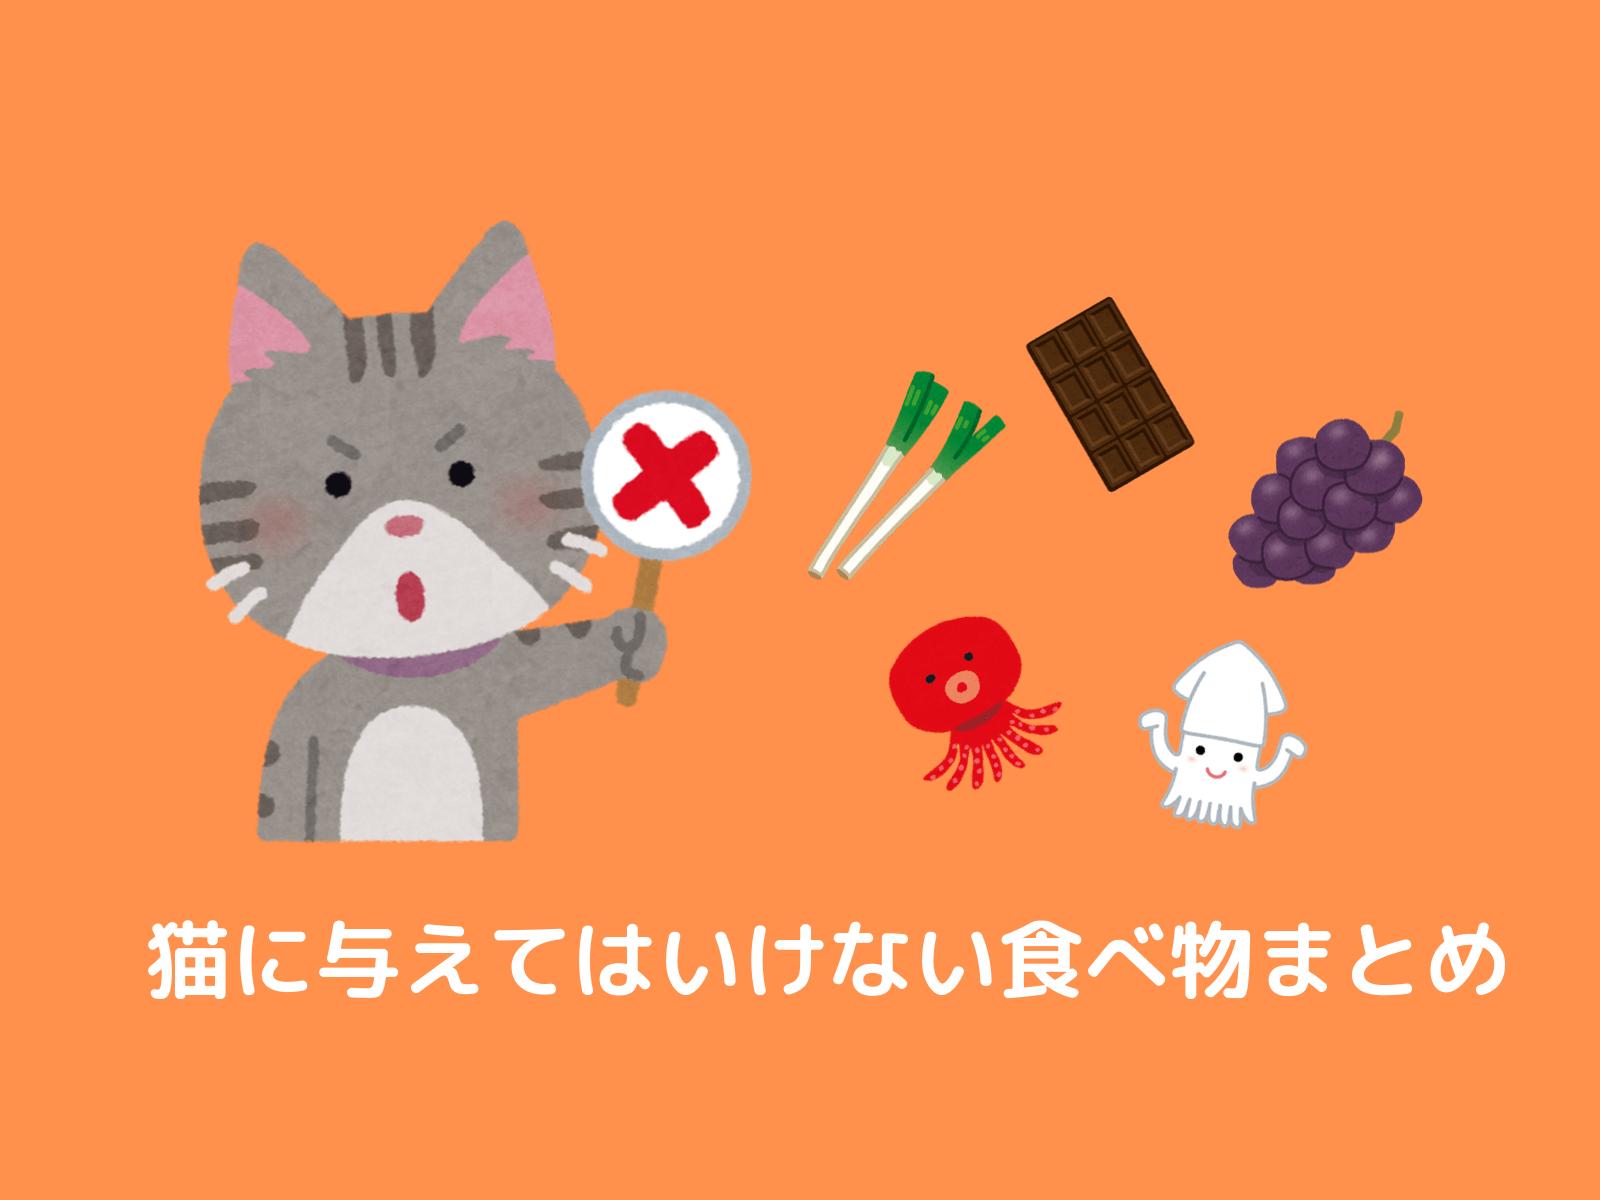 猫に与えてはいけない危険な食べ物まとめ【随時更新】